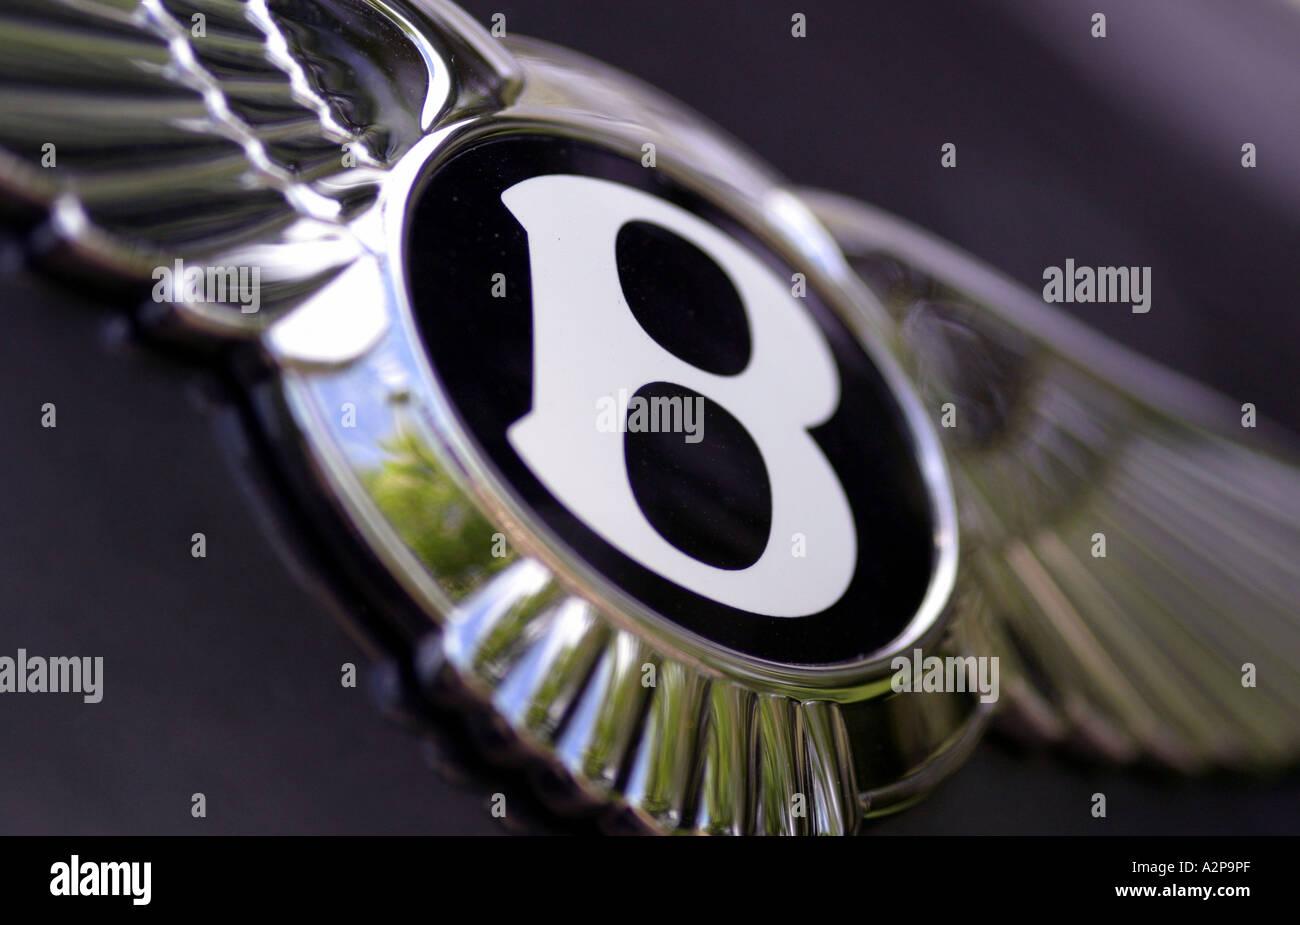 Bentley badge on a turbo - Stock Image